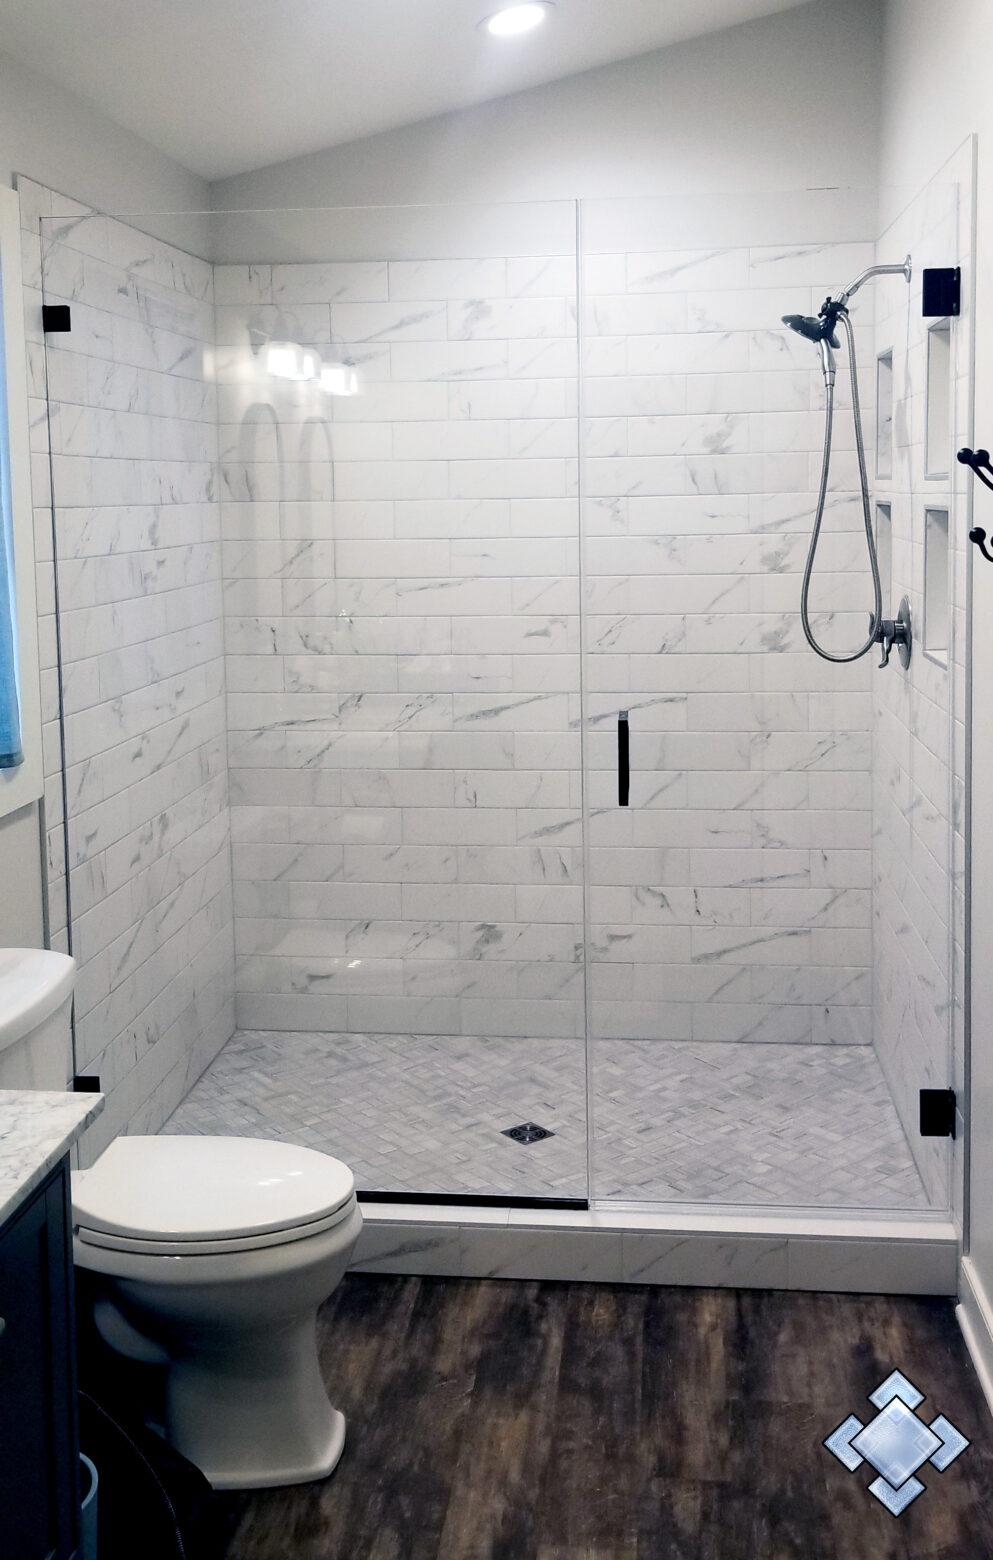 Minimalist shower door in Harpers Ferry West Virginia